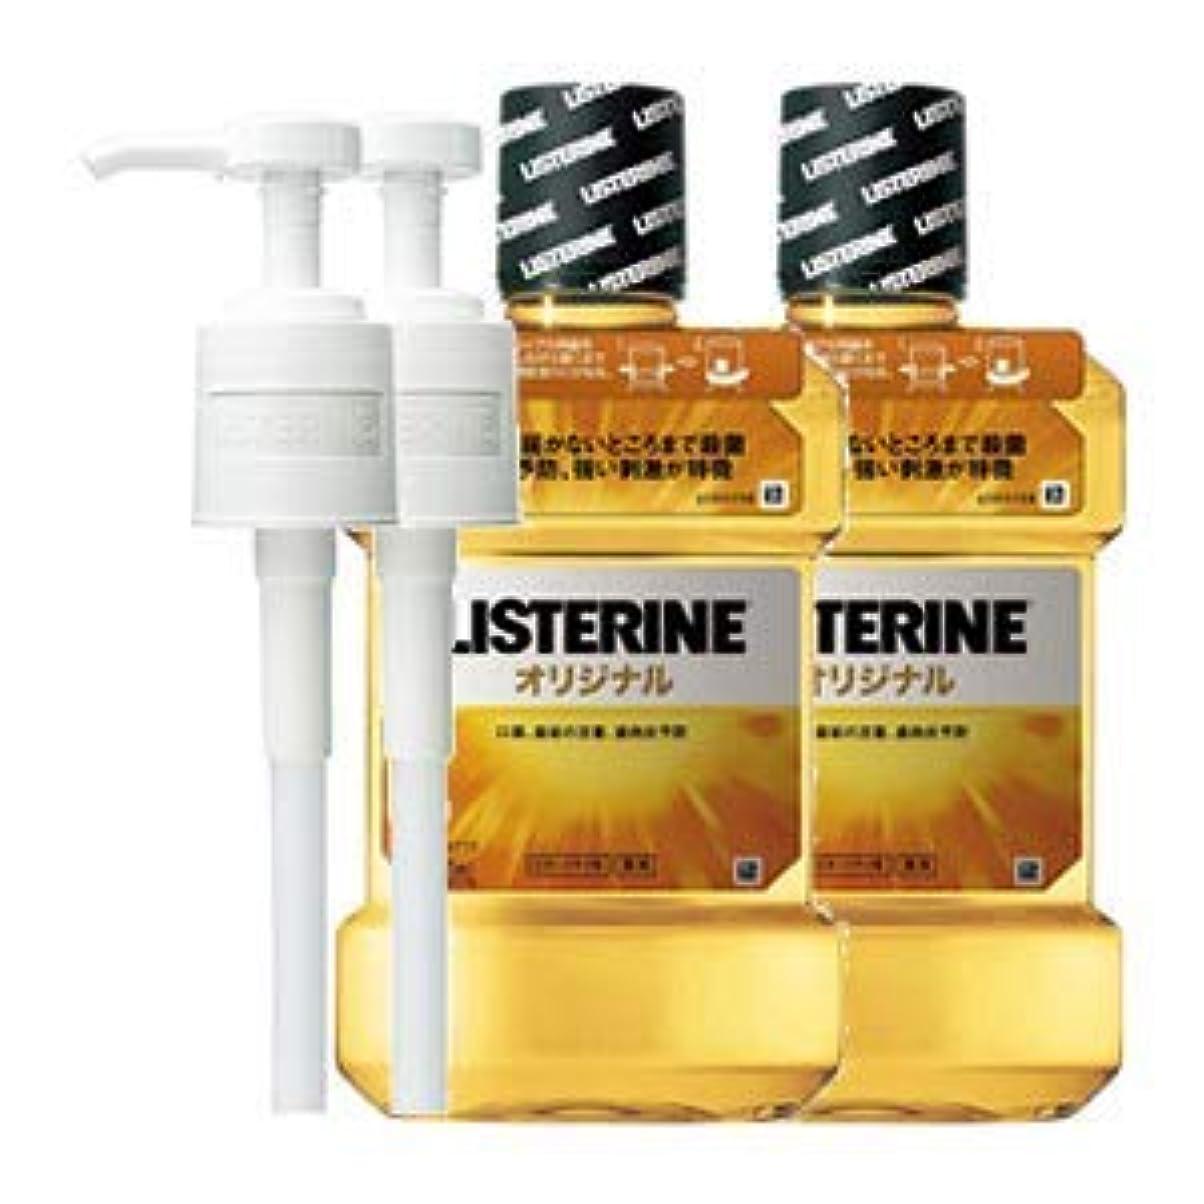 不名誉なブロー中央値薬用リステリン オリジナル (マウスウォッシュ/洗口液) 1000mL 2点セット (ポンプ付)